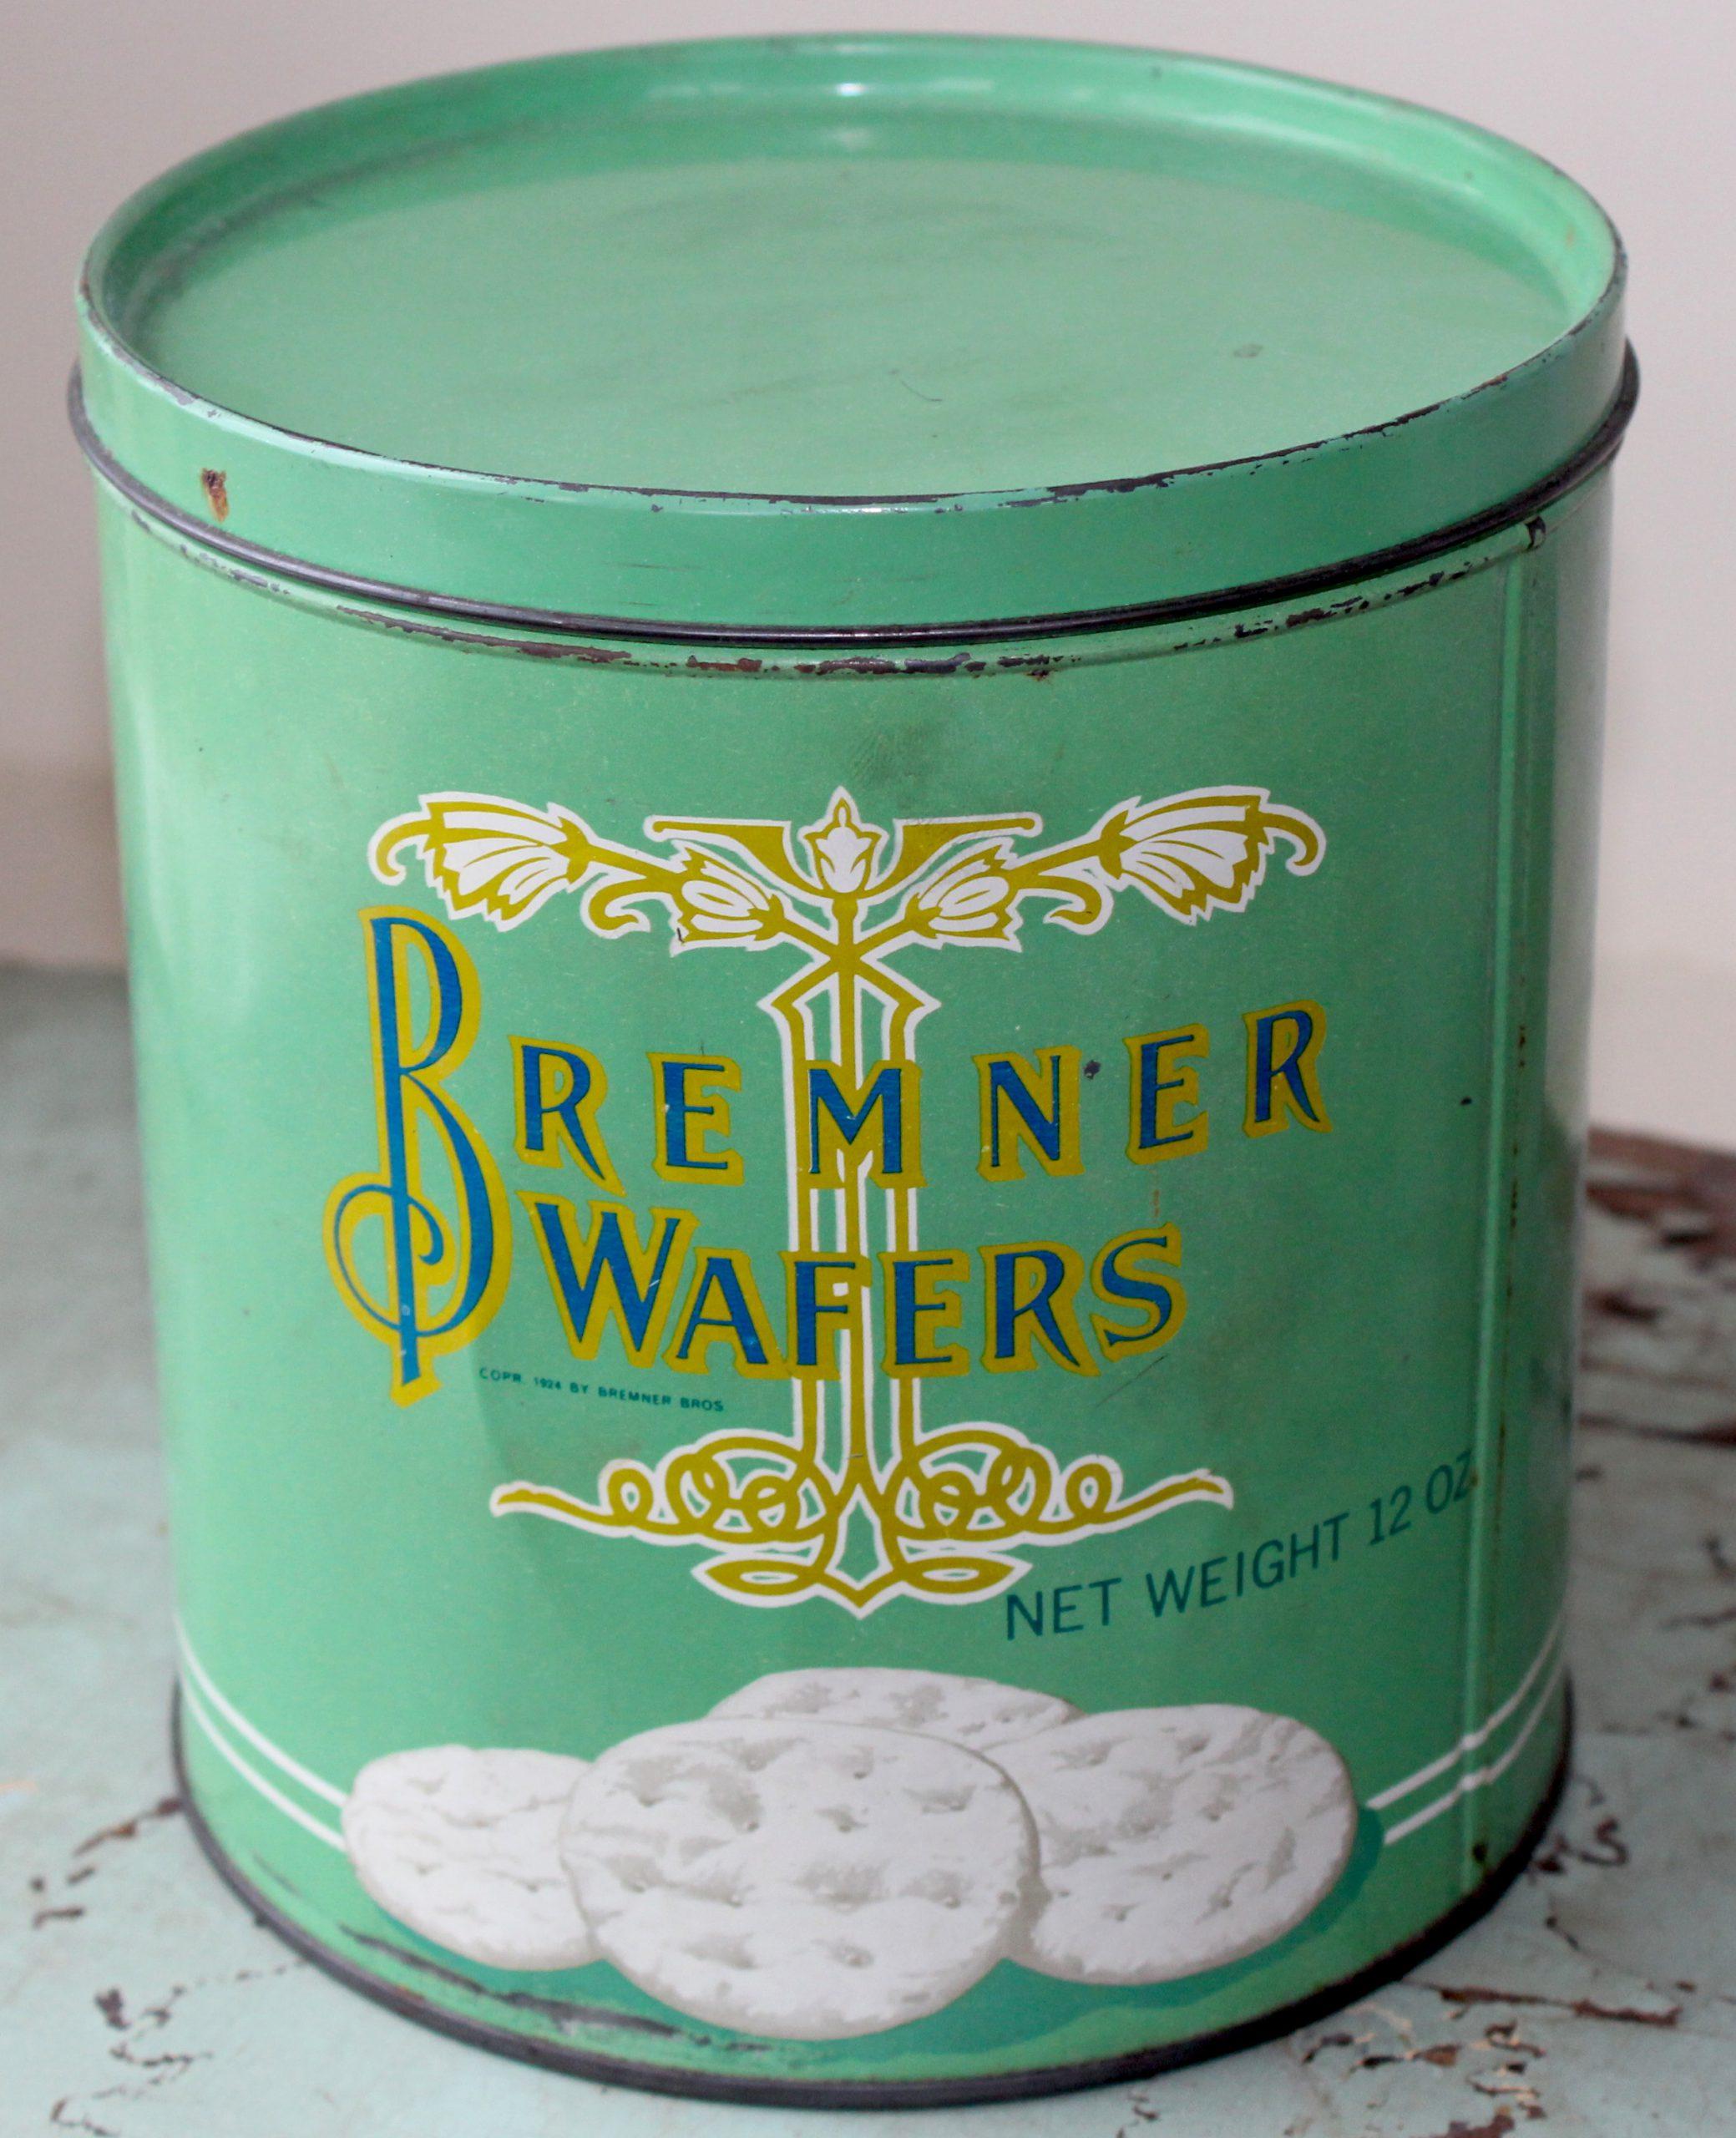 Bremner Biscuit Company, est. 1871